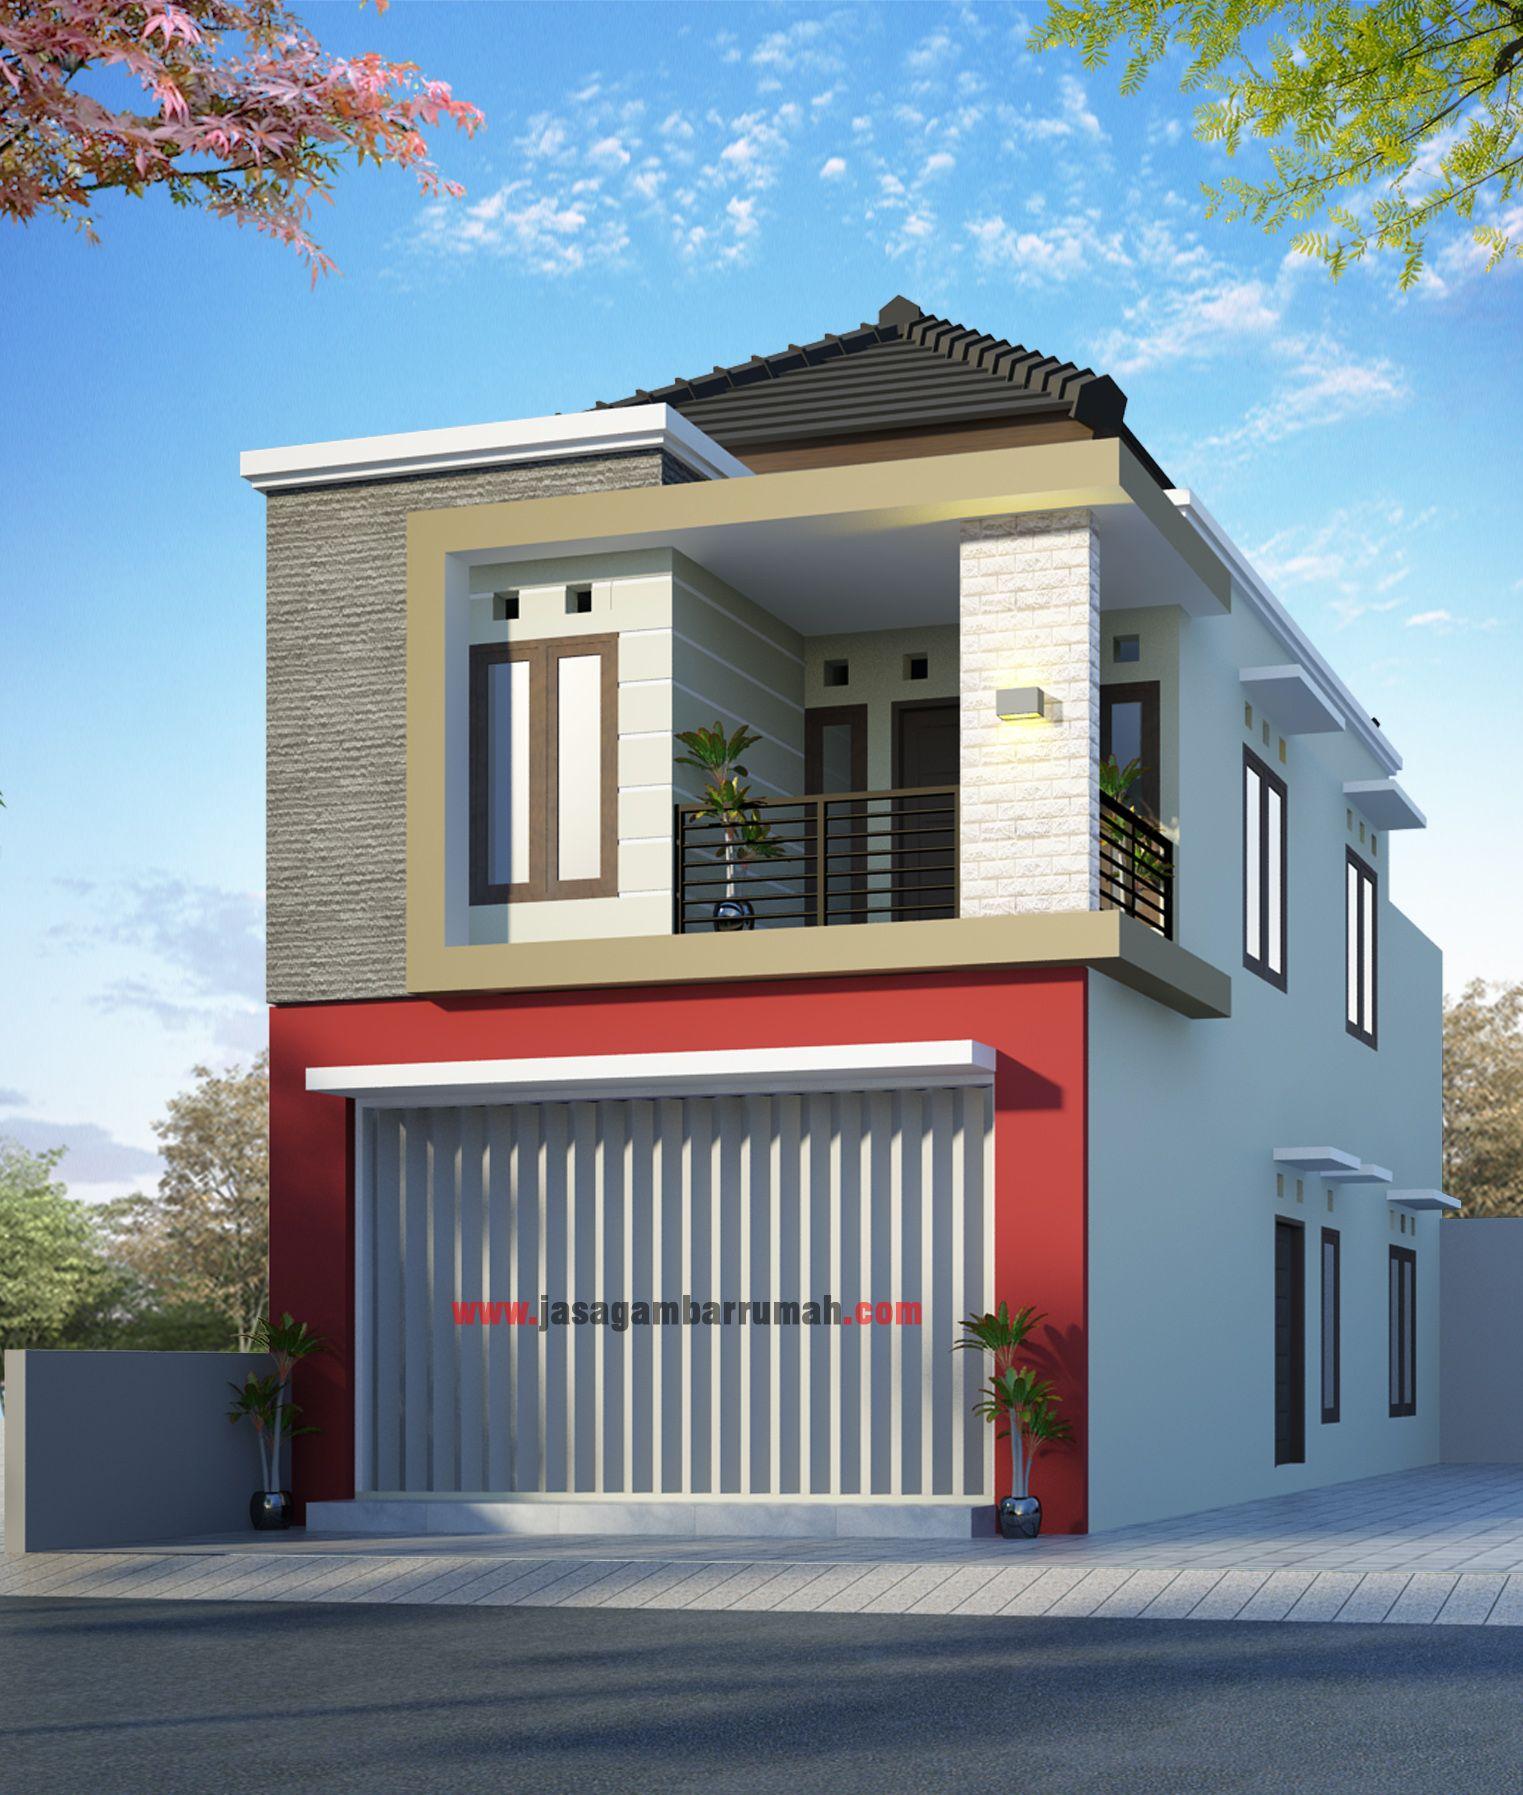 Layanan Jasa Gambar Rumah Rumah Toko 2 Lantai Di Tulungagung Desain Rumah Rumah Rumah Minimalis